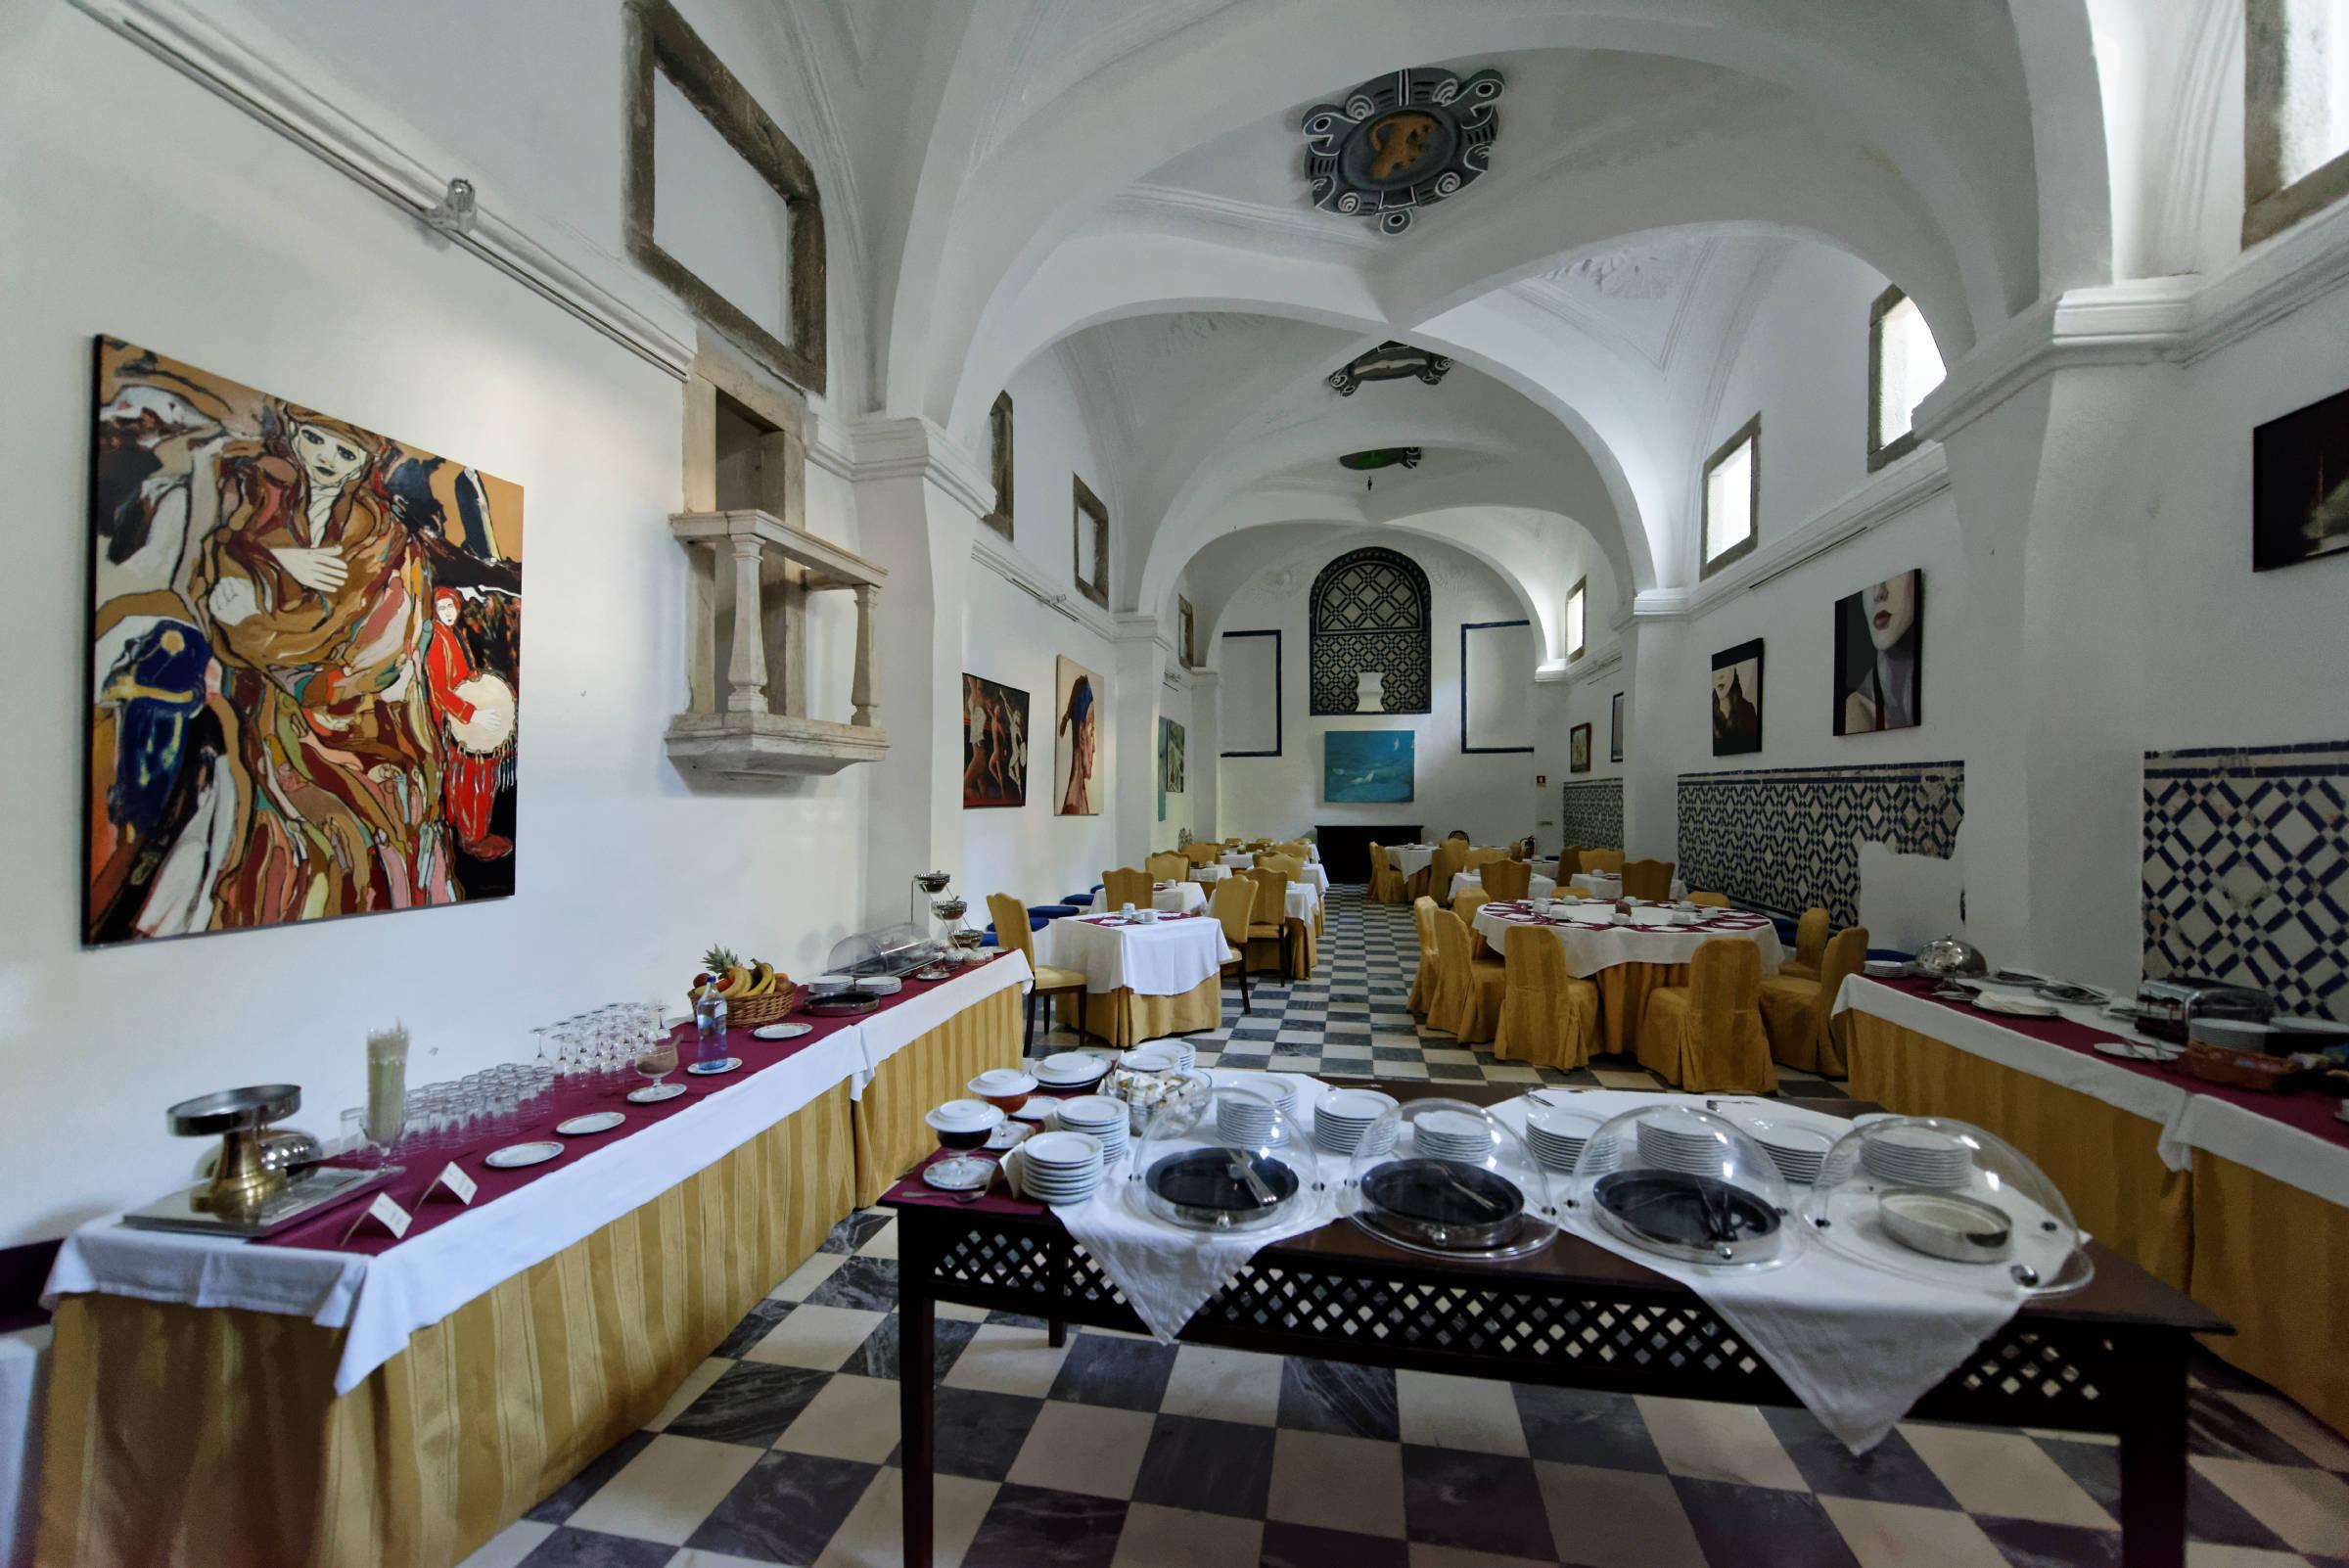 160407-Convento de sao paulo (Alentero Portugal) (118)